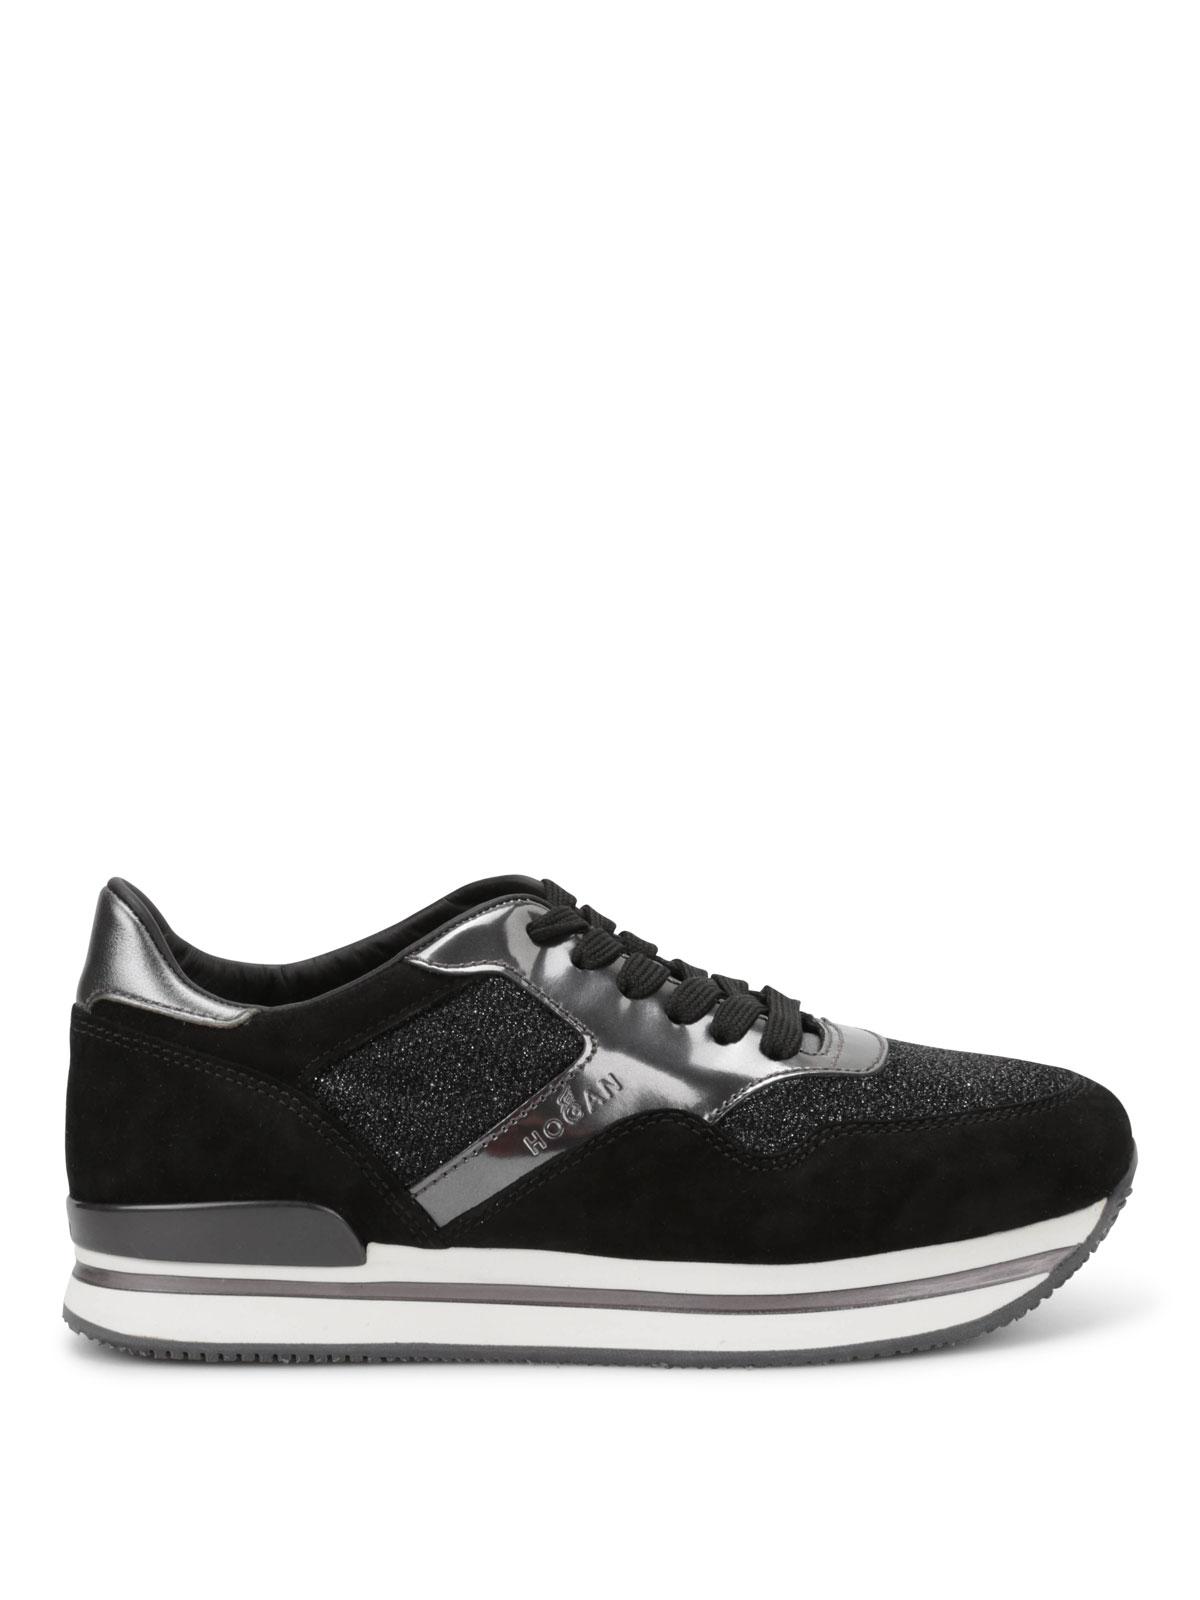 Trainers Hogan - H222 Sneaker - HXW2220N6259JU0K36 | Shop online ...